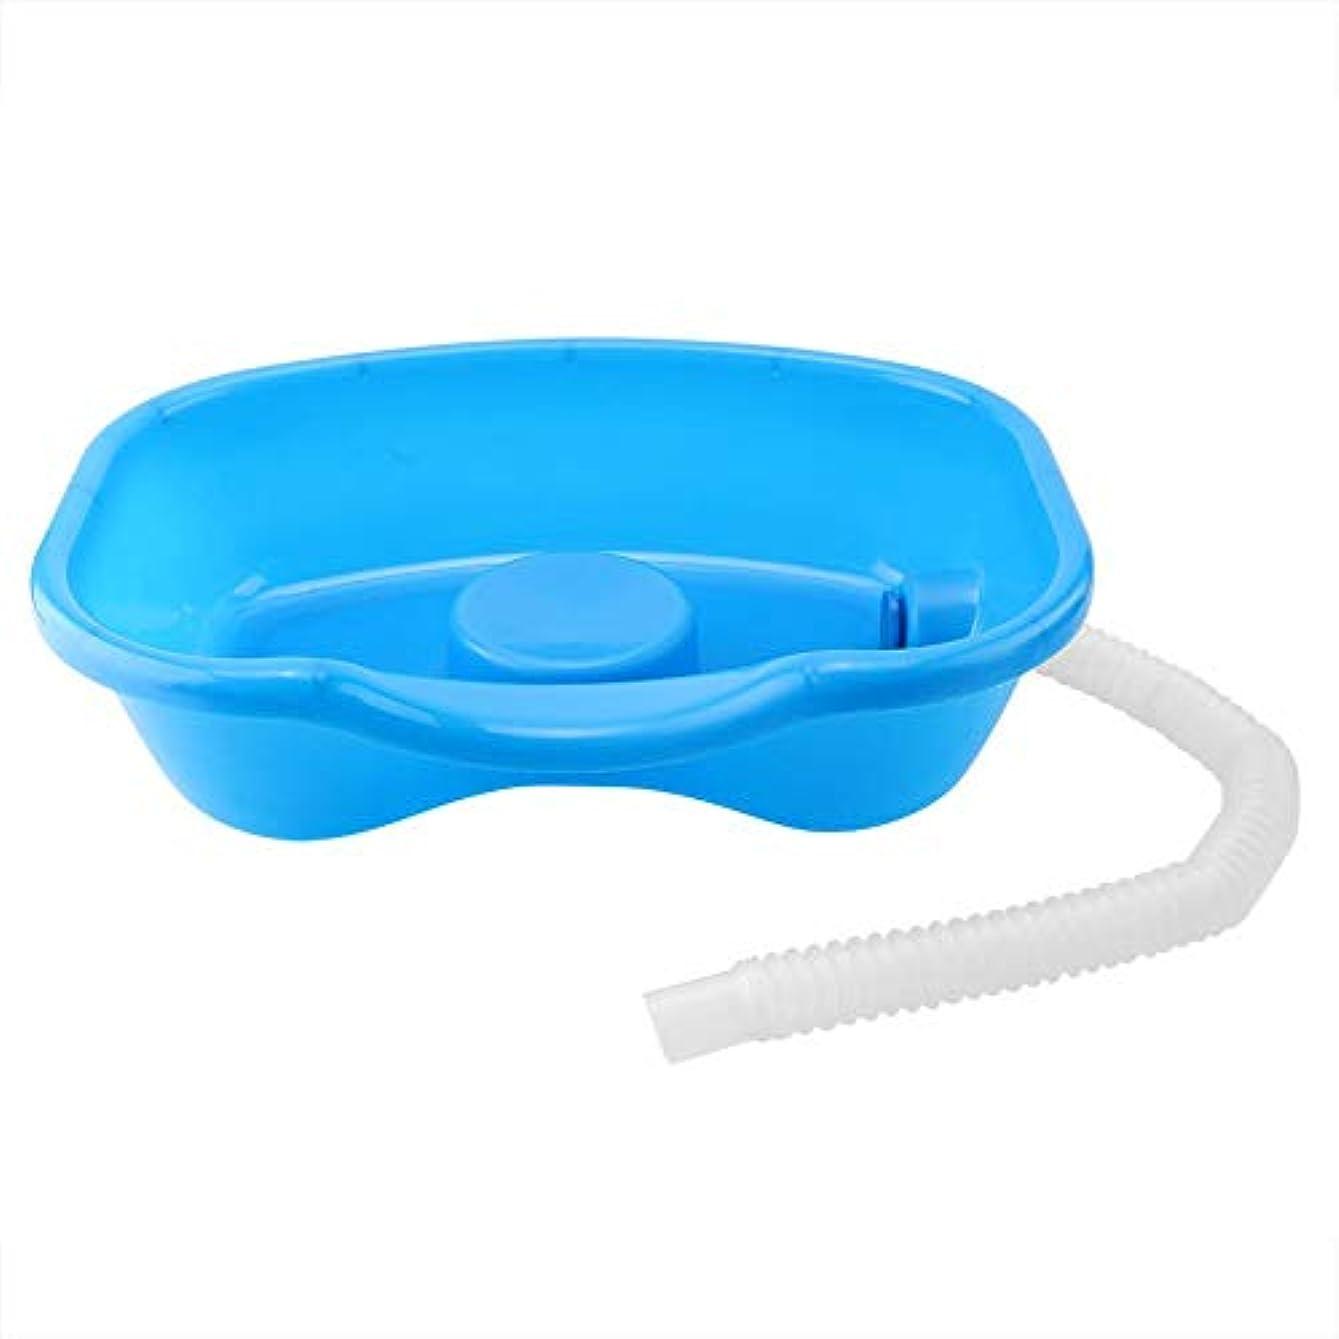 偽善意識的傷跡シャンプー洗面器、医療障害者用シャンプー洗面器厚いベッド洗髪皿プラスチックシャンプー洗面器